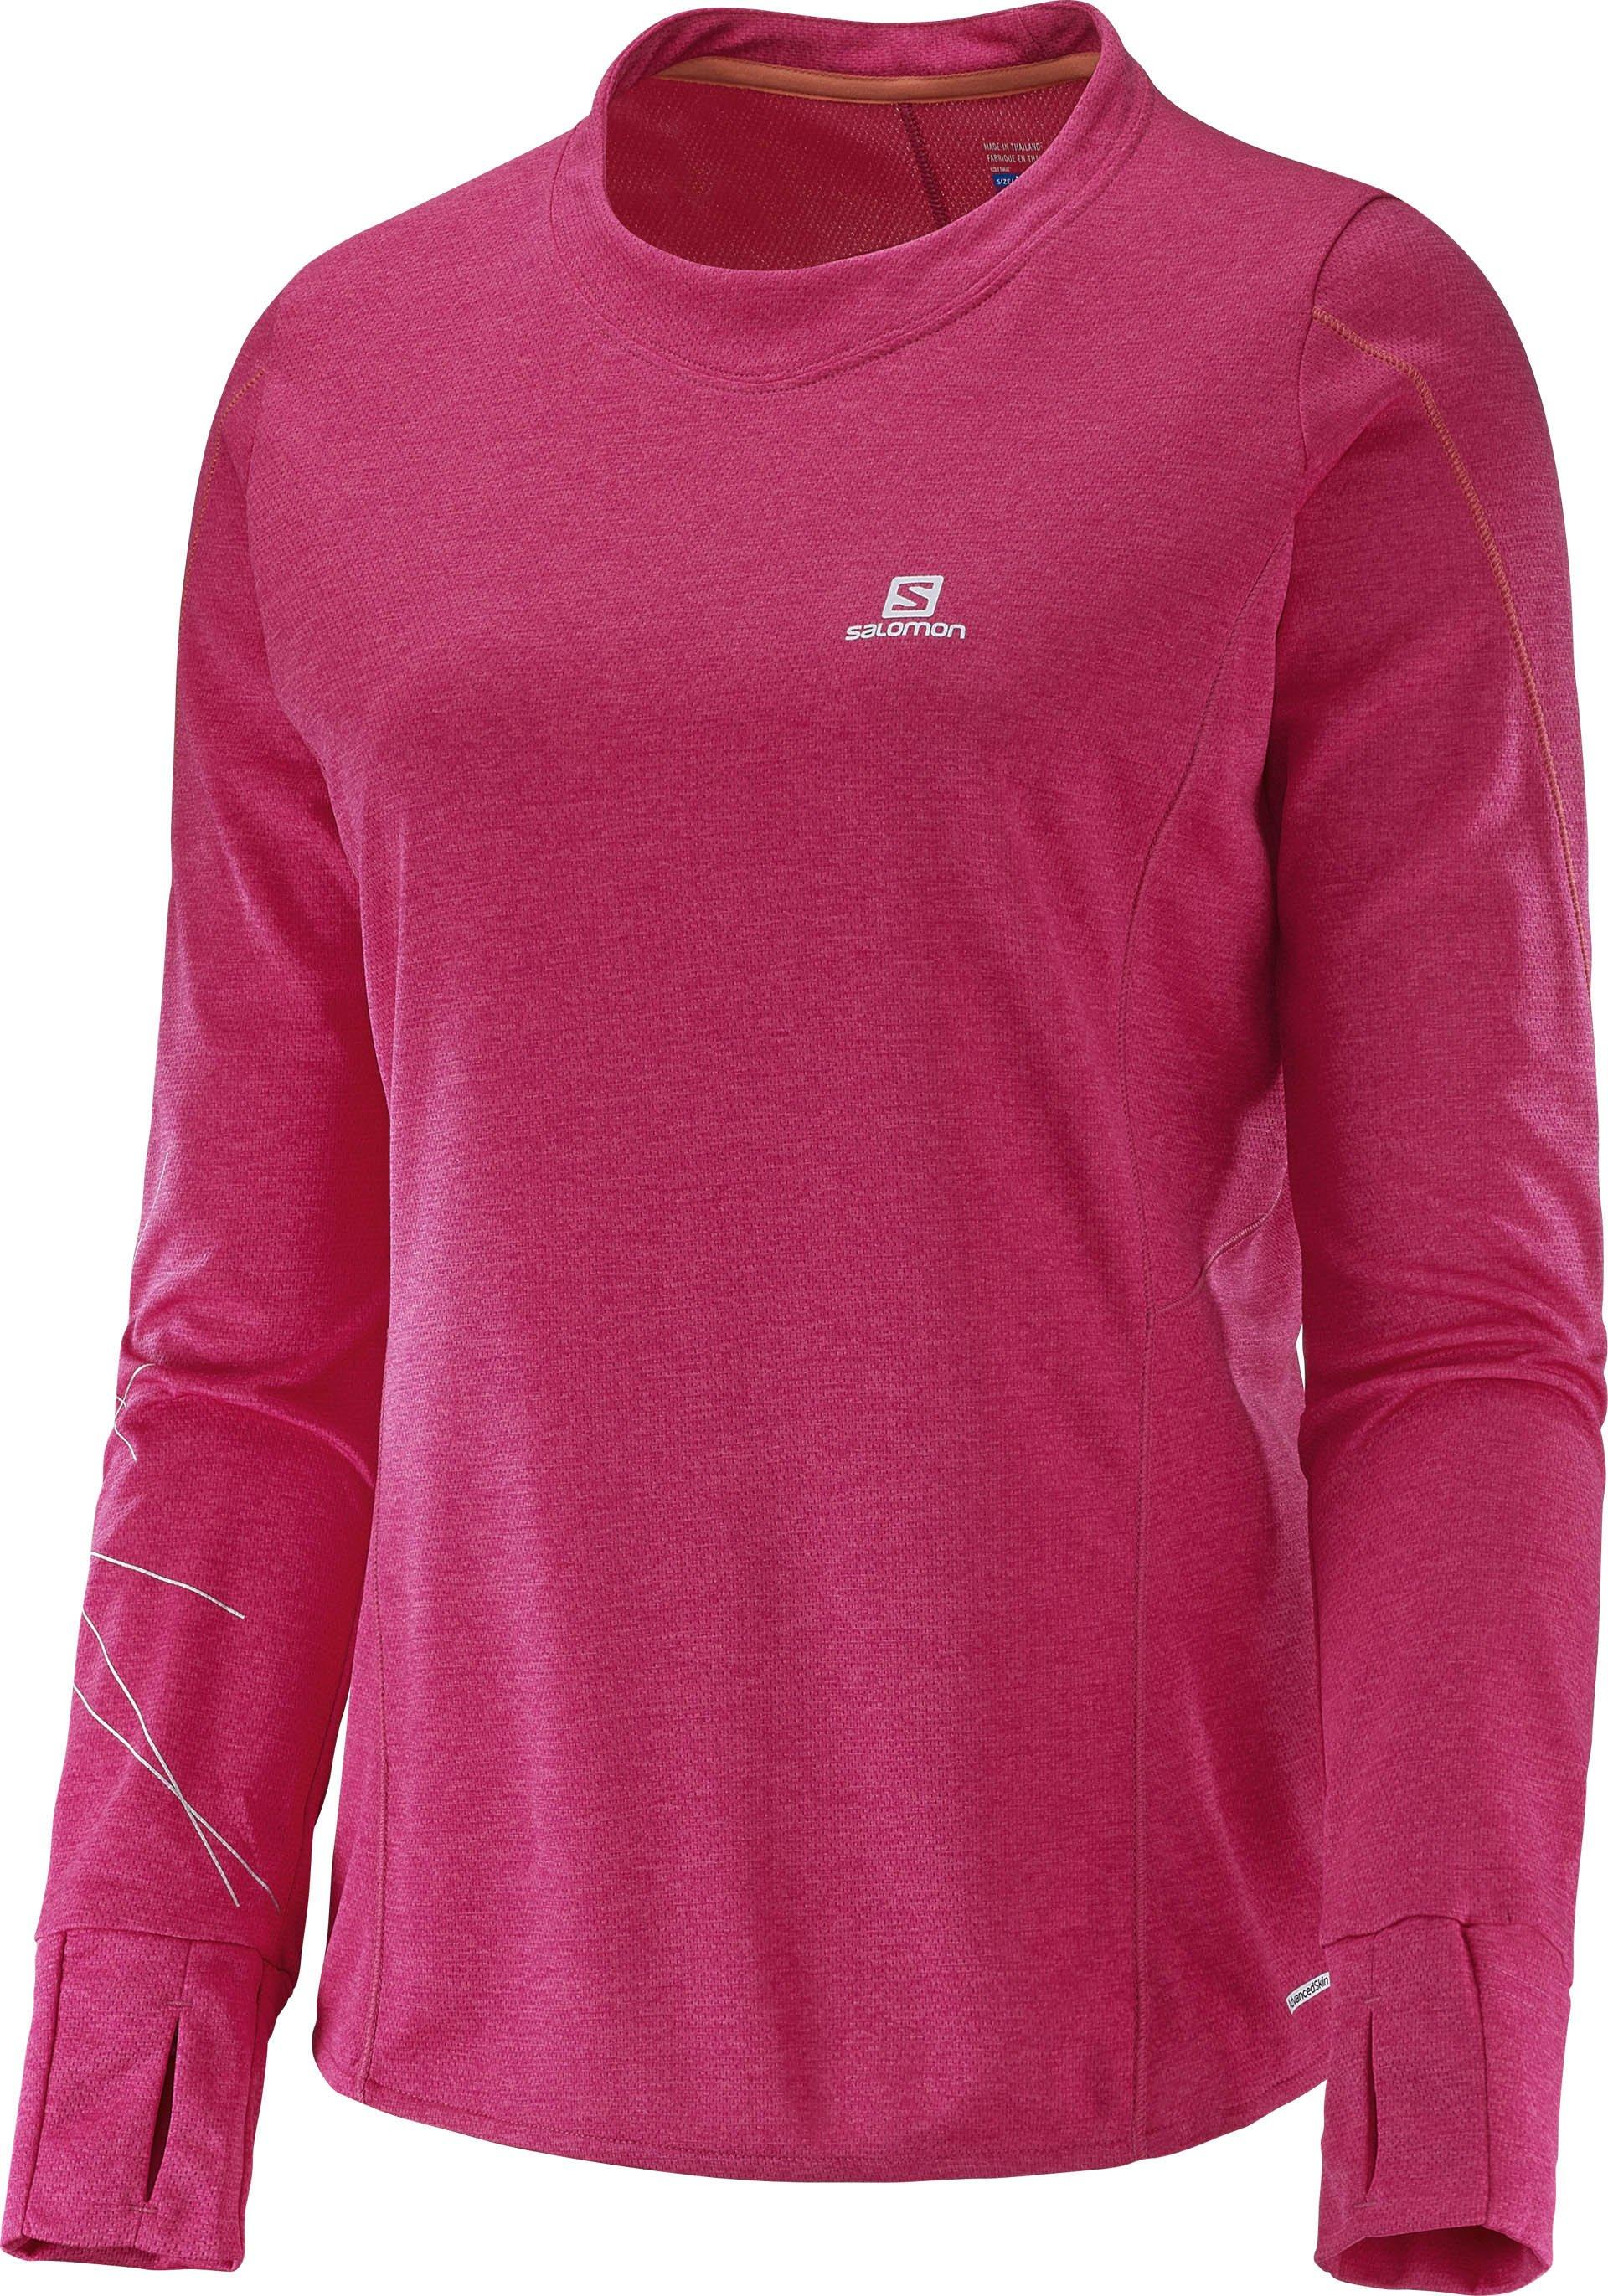 běžecké tričko s dlouhým rukávem Salomon Park